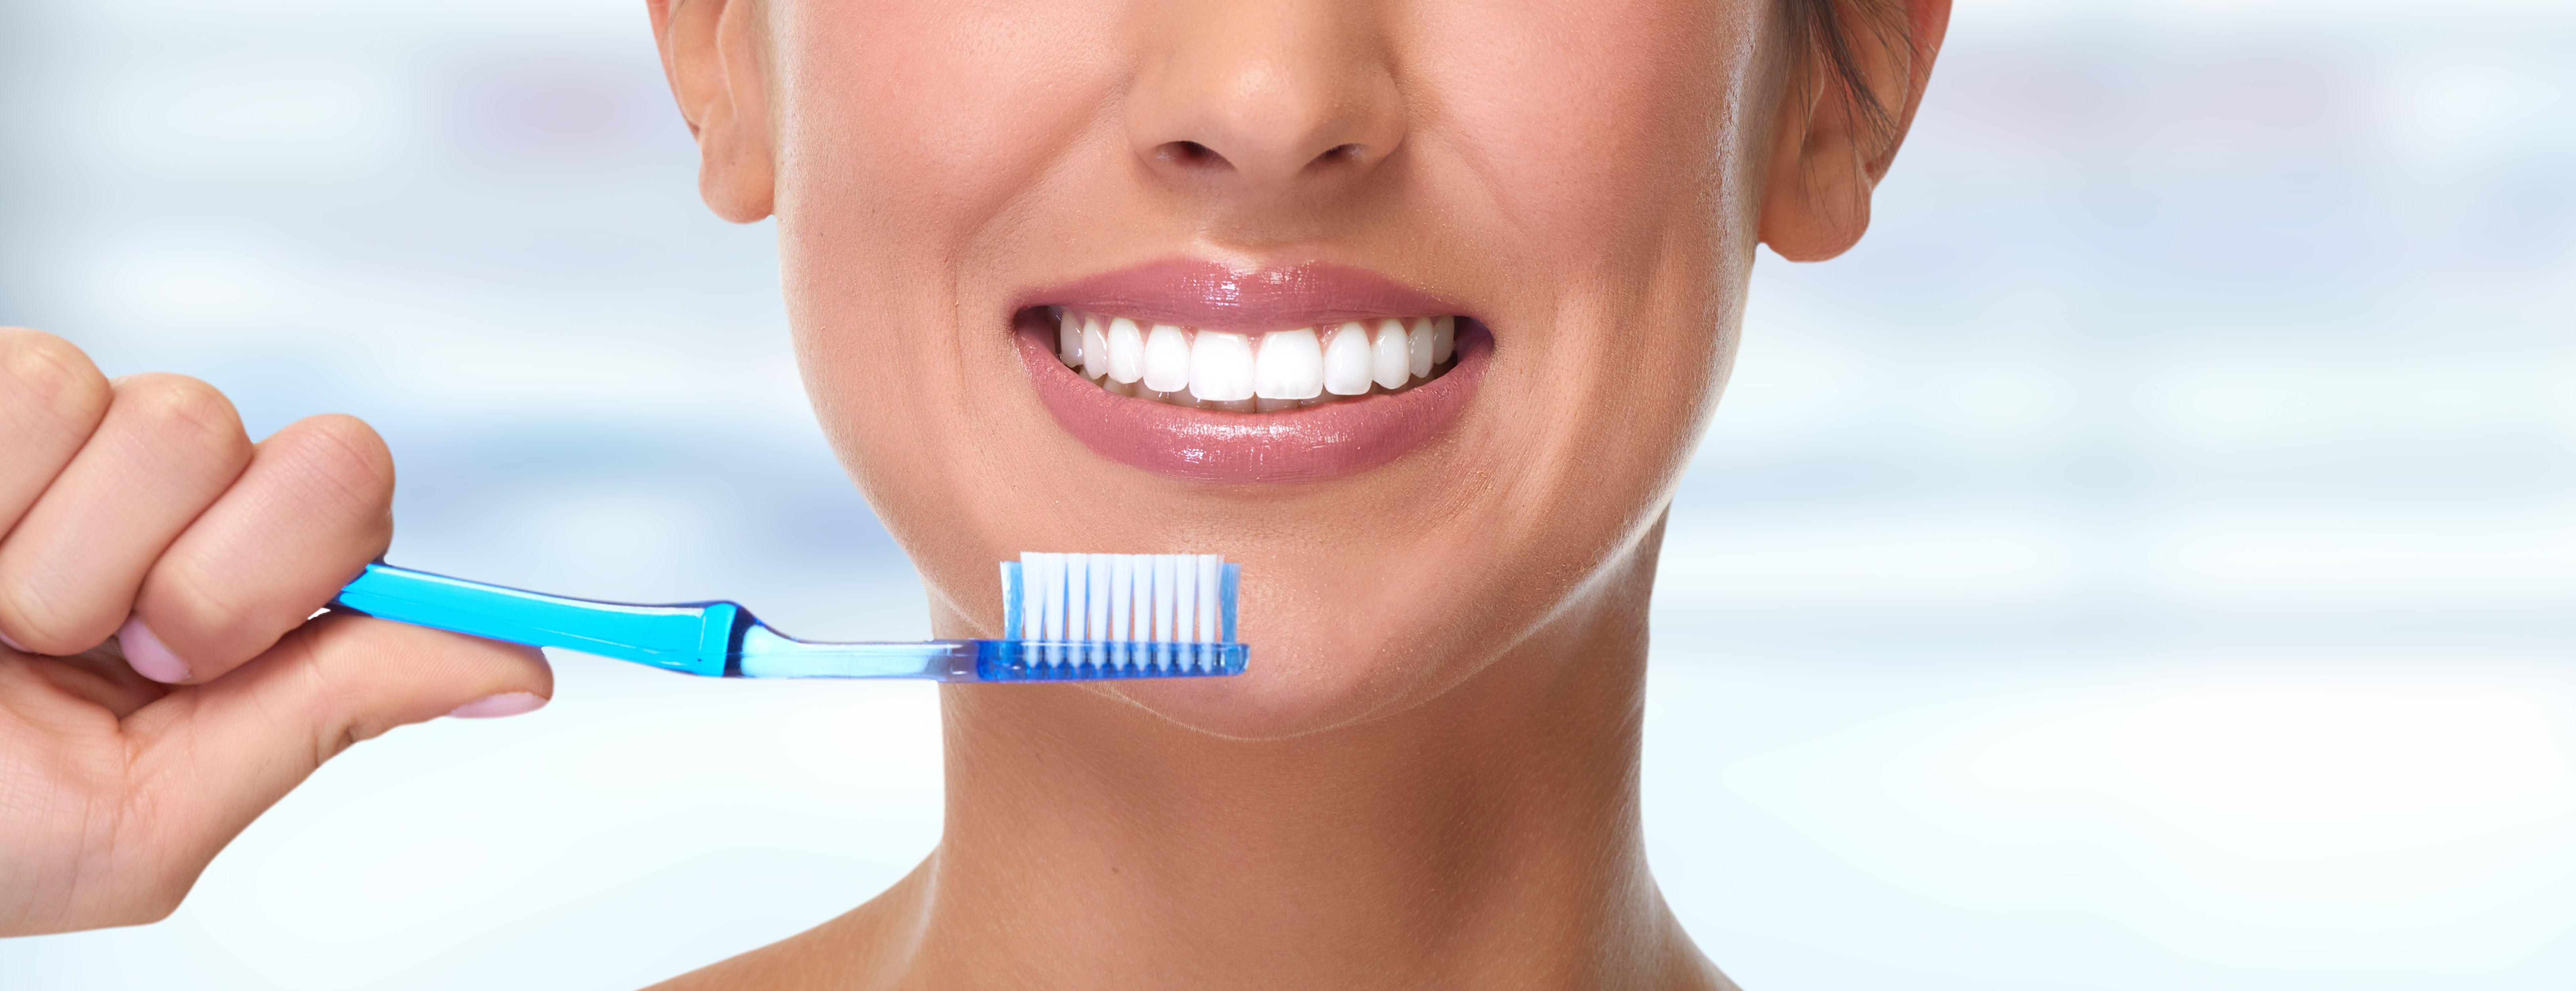 Higiene dental: Catálogo de Perfumería y Droguería Jaral